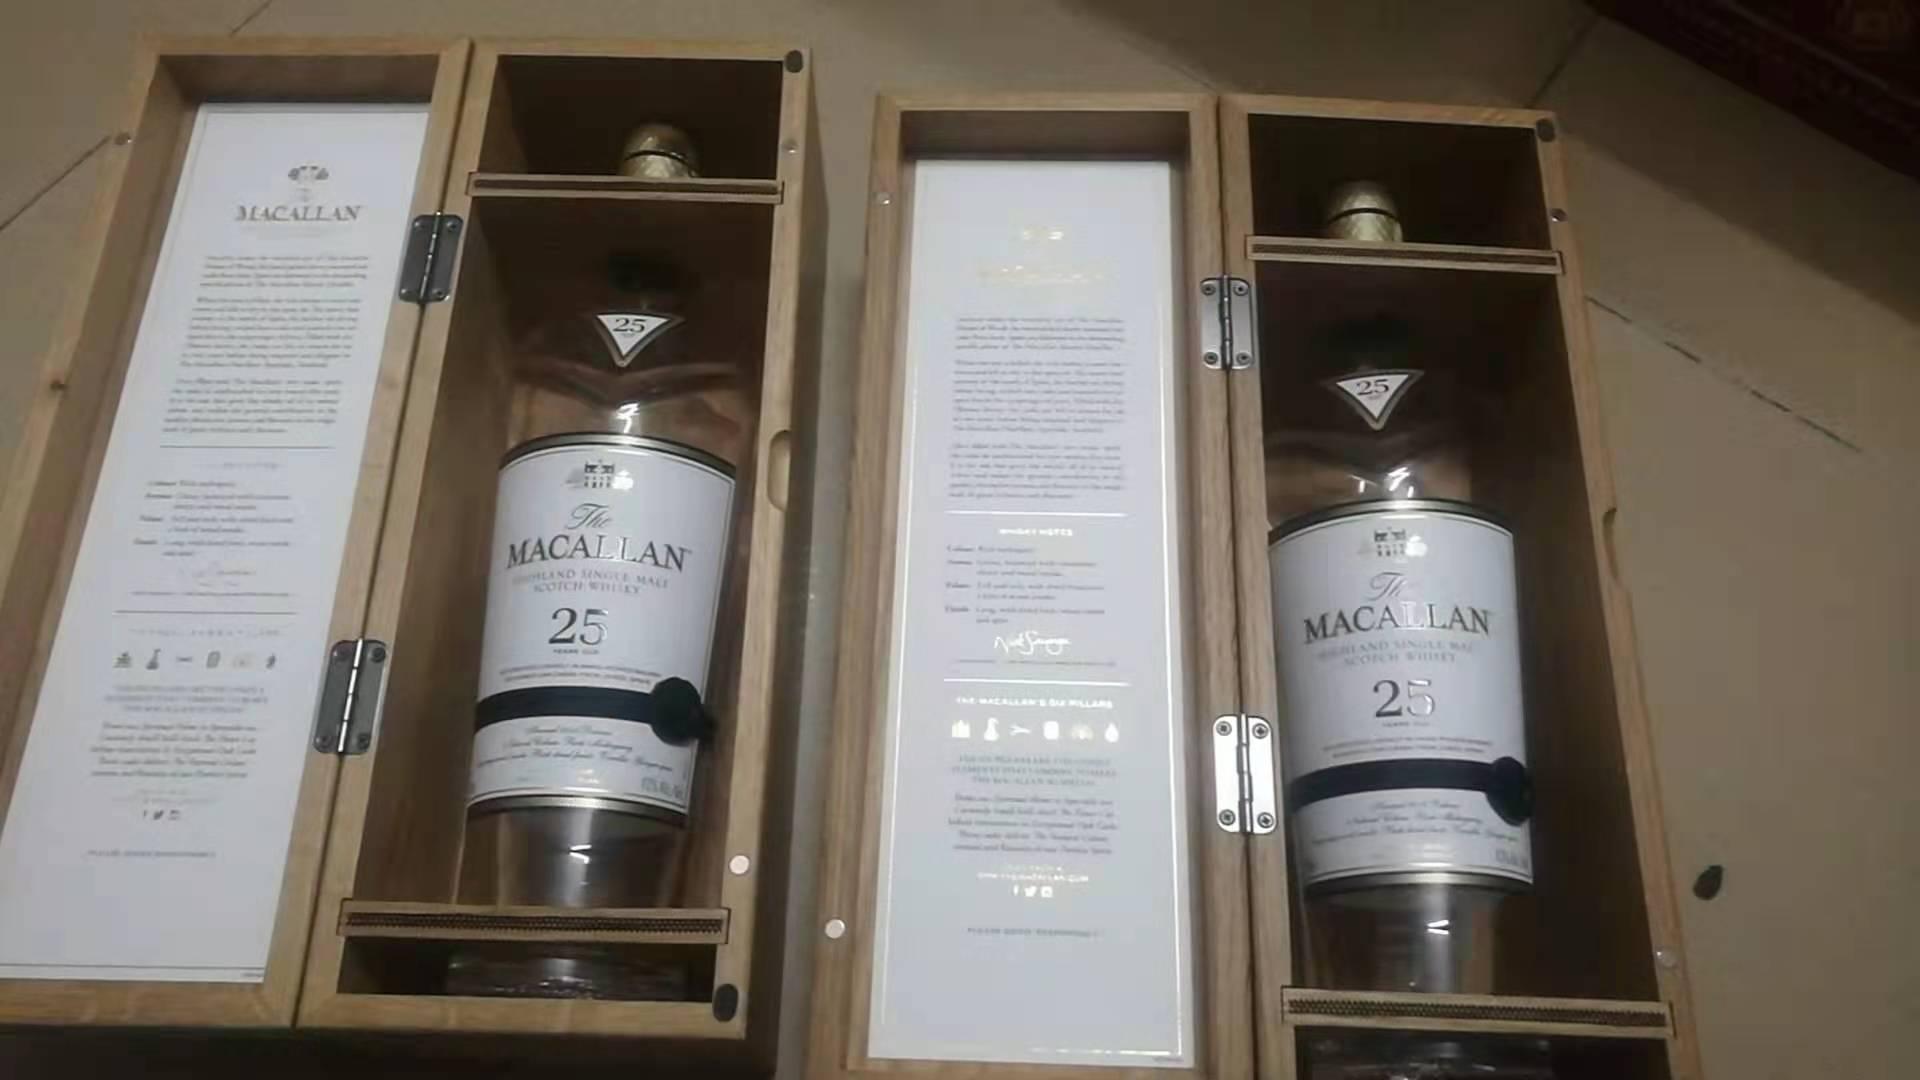 广东阳江麦卡伦25年黑标回收名酒老酒搜索